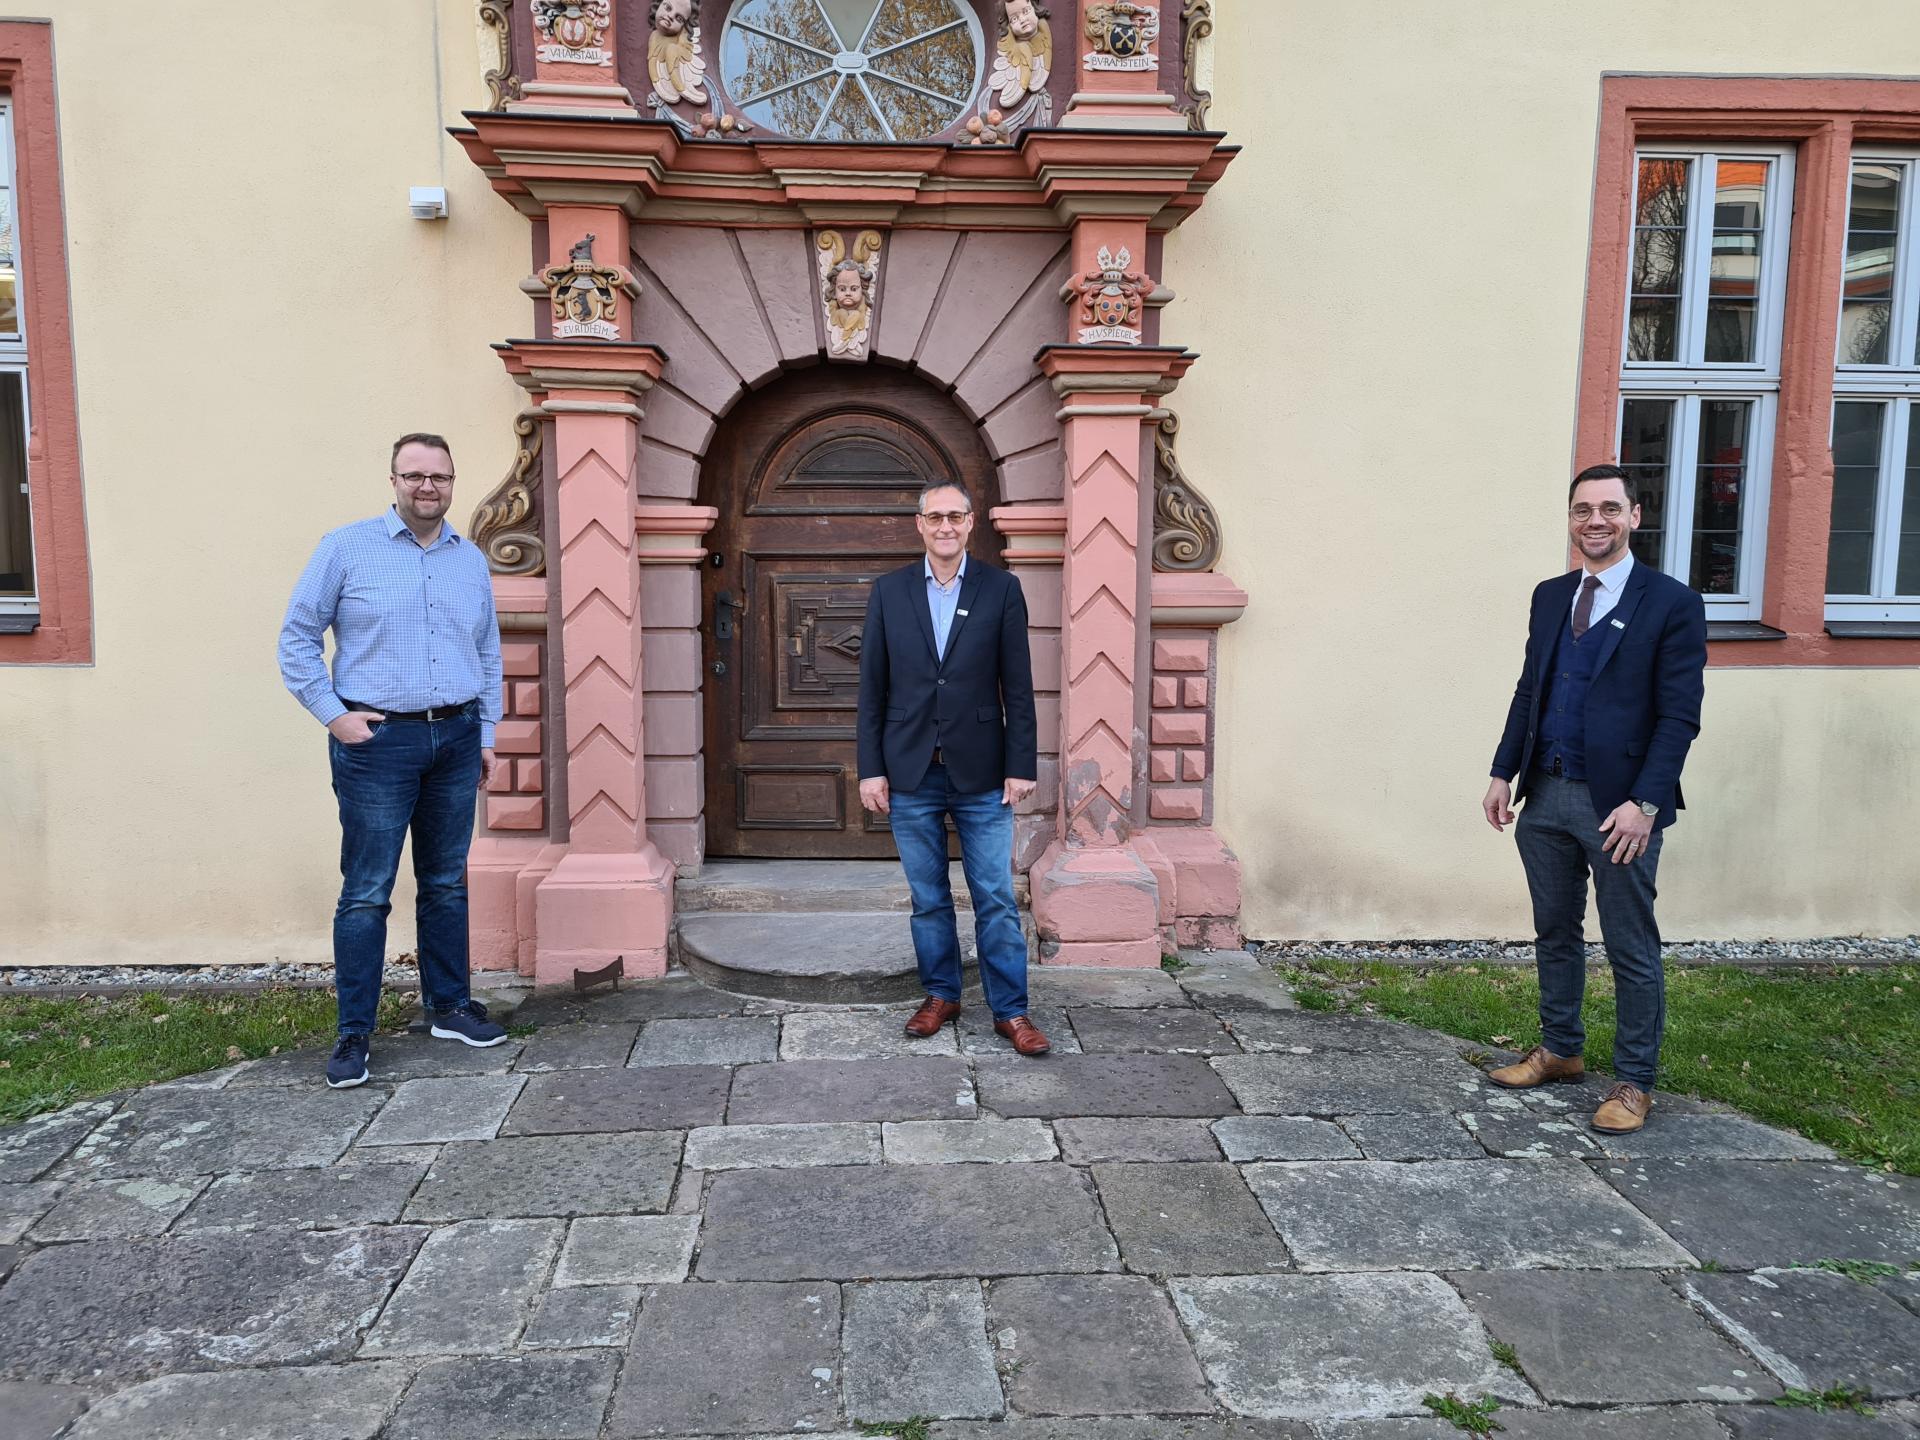 Ortsbeirat Großenlüder, v.l. Tobias Grosch, Jürgen Hübl, Florian Fritzsch